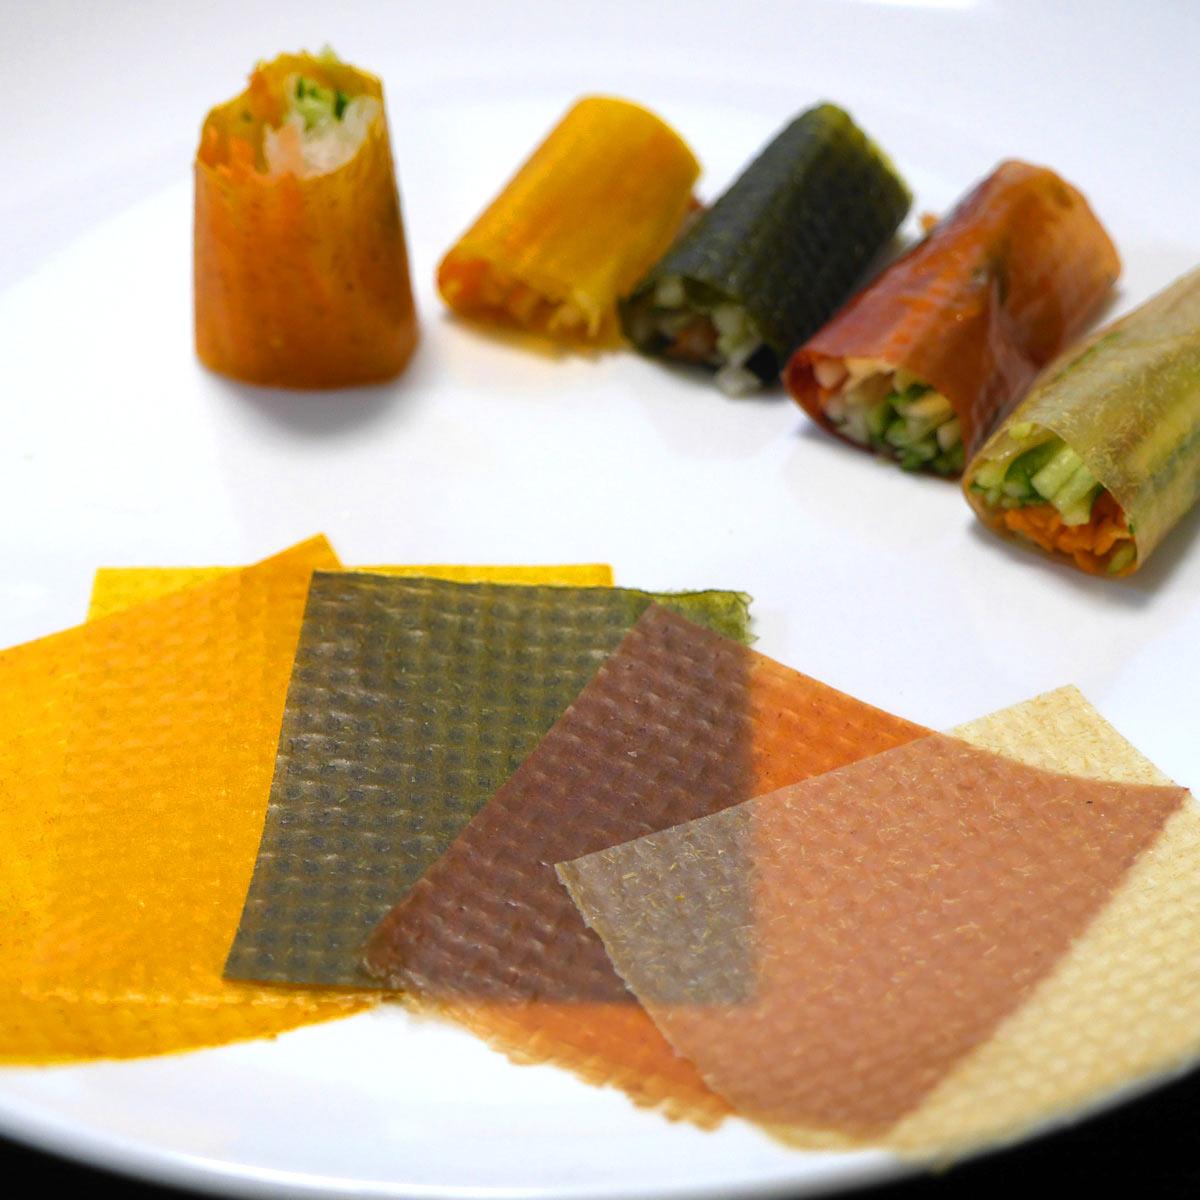 野菜が丸ごとシート状に!? 未来すぎる新感覚食品「ベジート」を実食